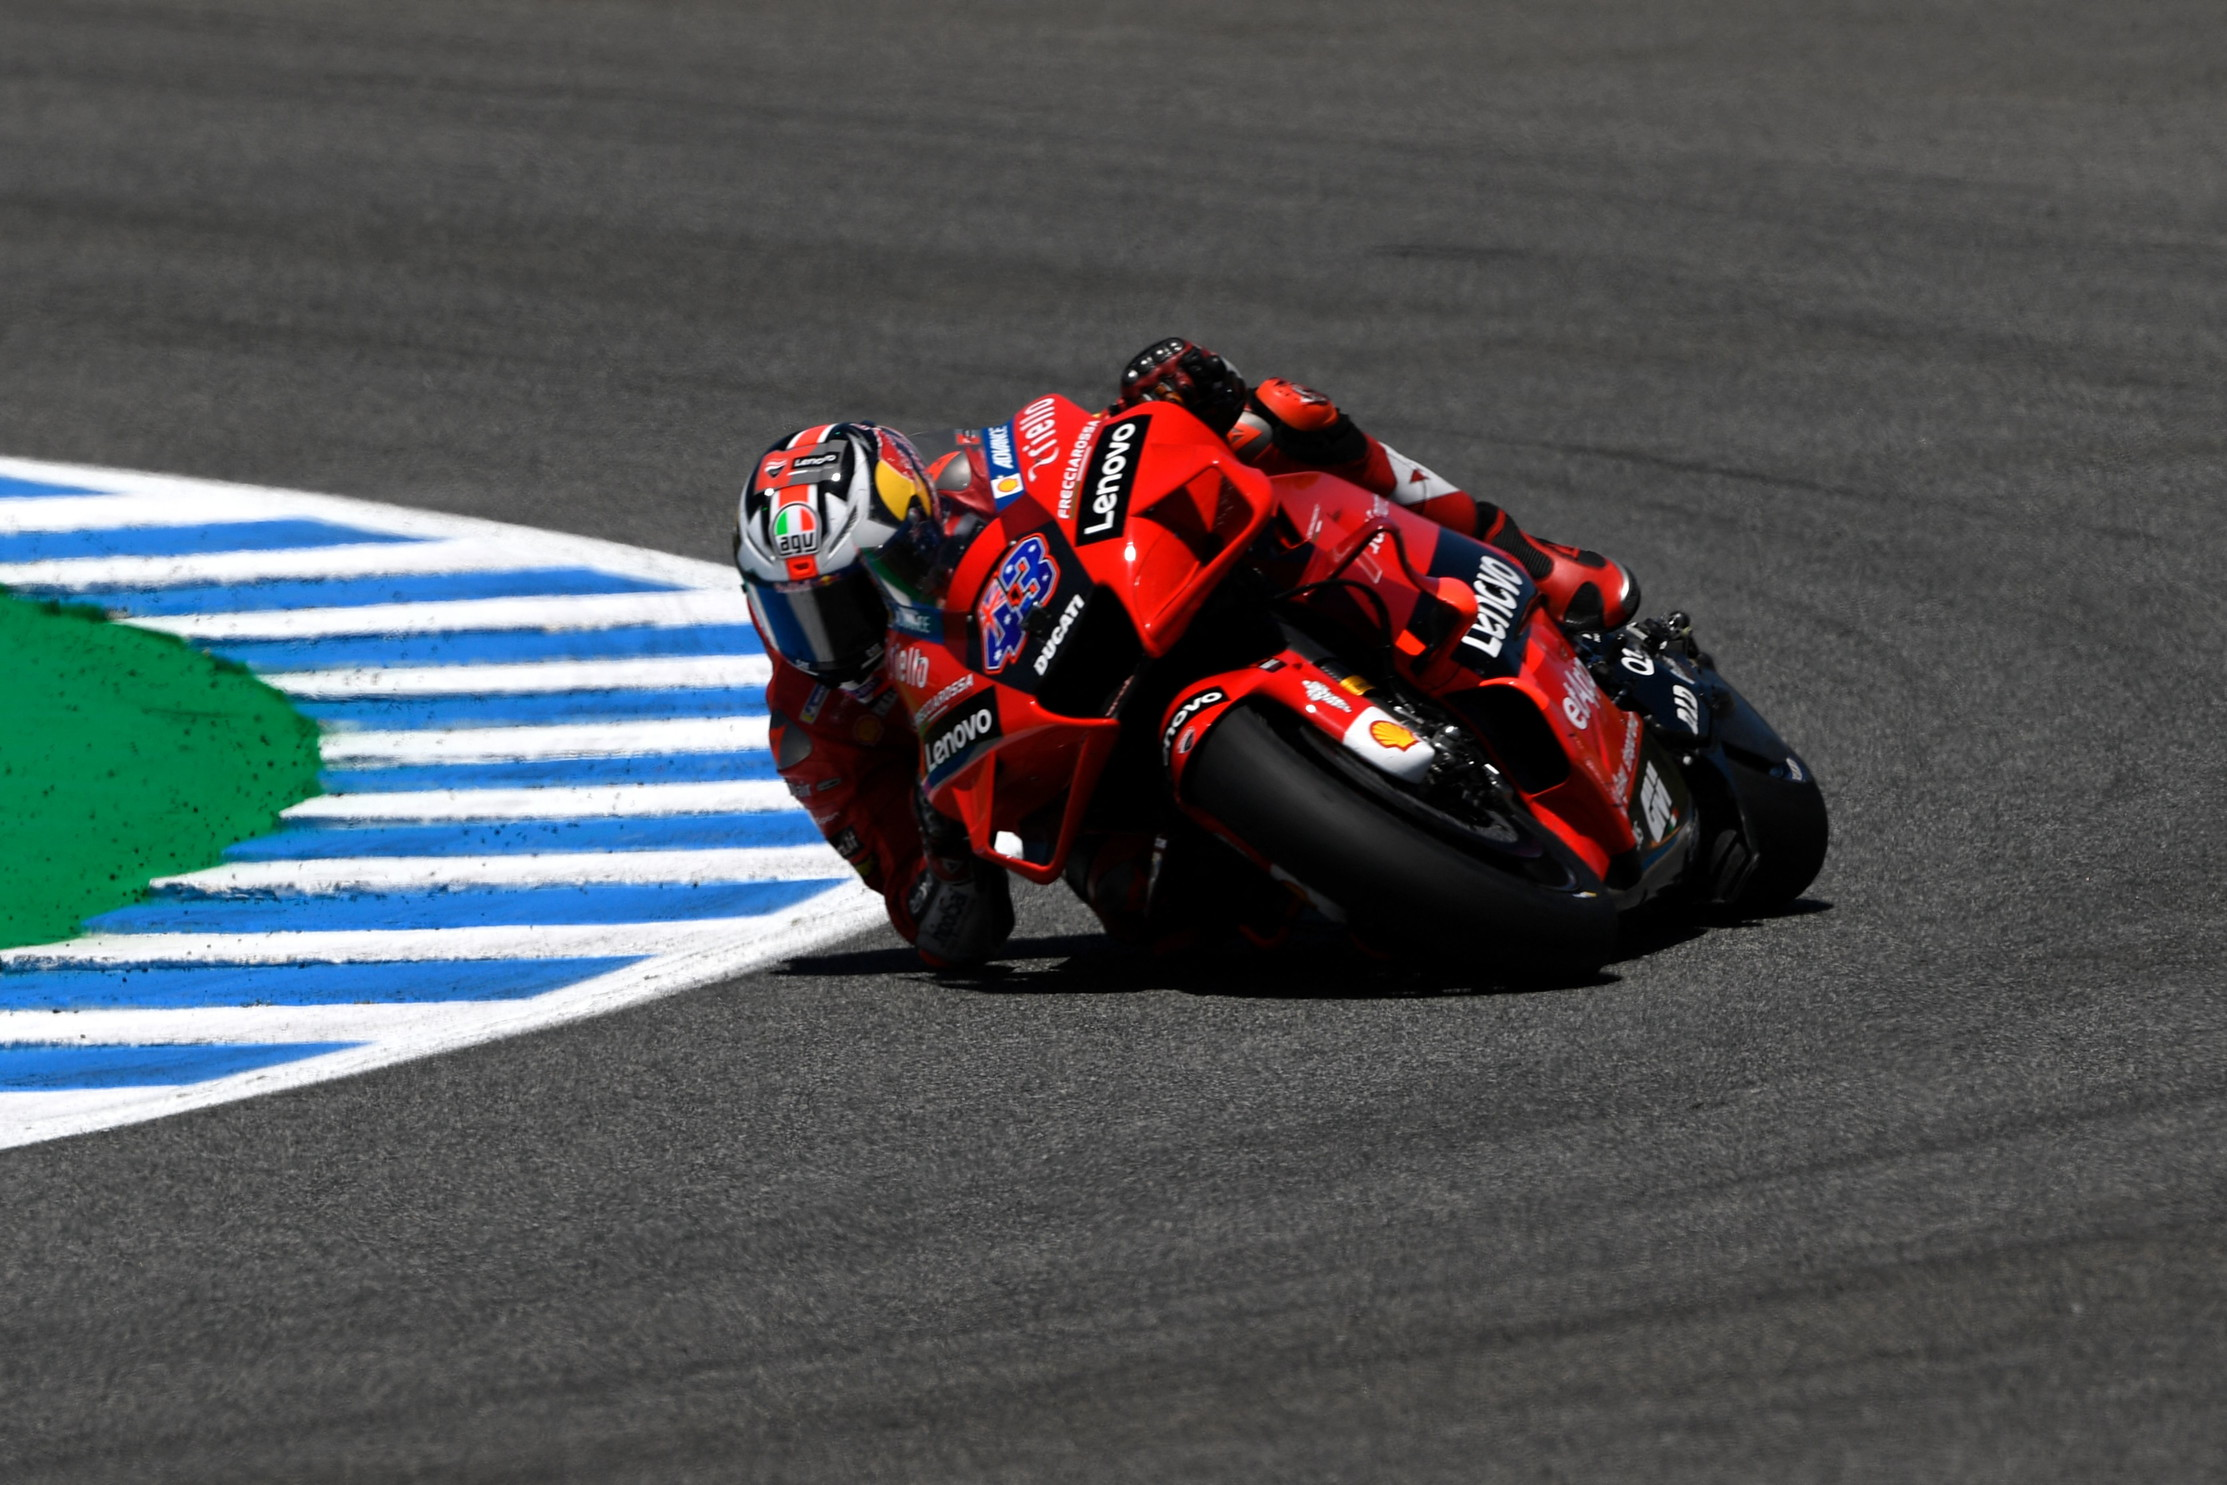 Doppietta Ducati, grazie a Miller e Bagnaia, nel GP di Spagna di Jerez dove il team di Borgo Panigale non vinceva dal 2006.<br /><br />